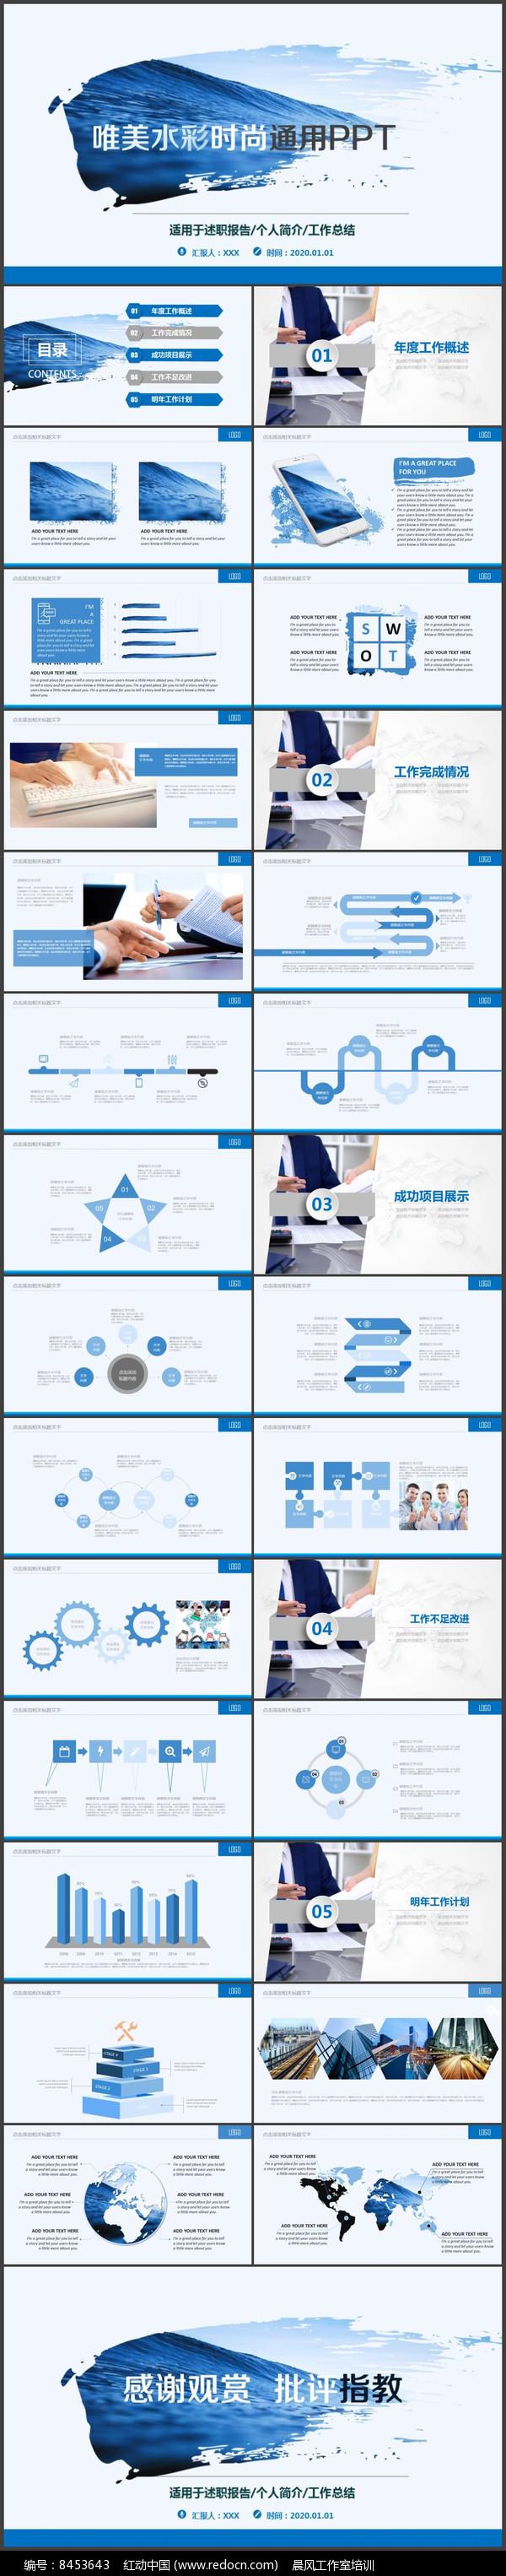 蓝色水彩商务工作总结PPT图片